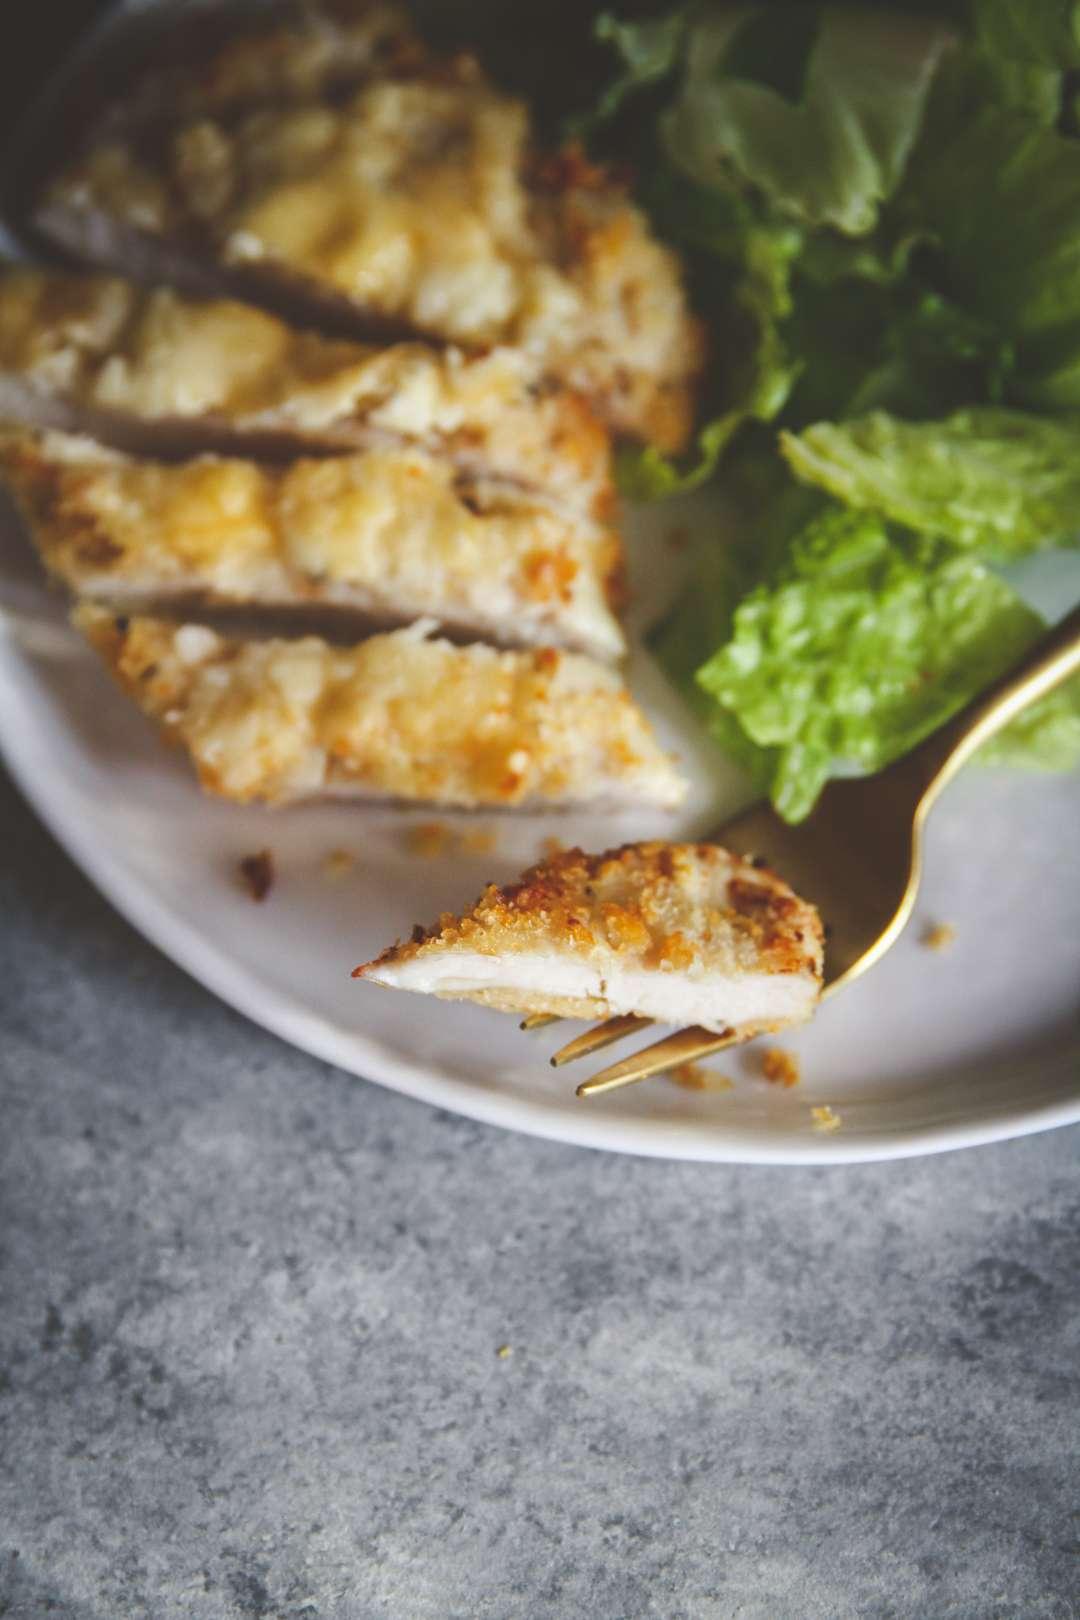 5 ingredient air fryer cheesy crispy chicken dinner recipe, air fryer crispy chicken dinner recipe, air fryer dinner recipe, air fryer chicken, crispy cheesy air fryer chicken